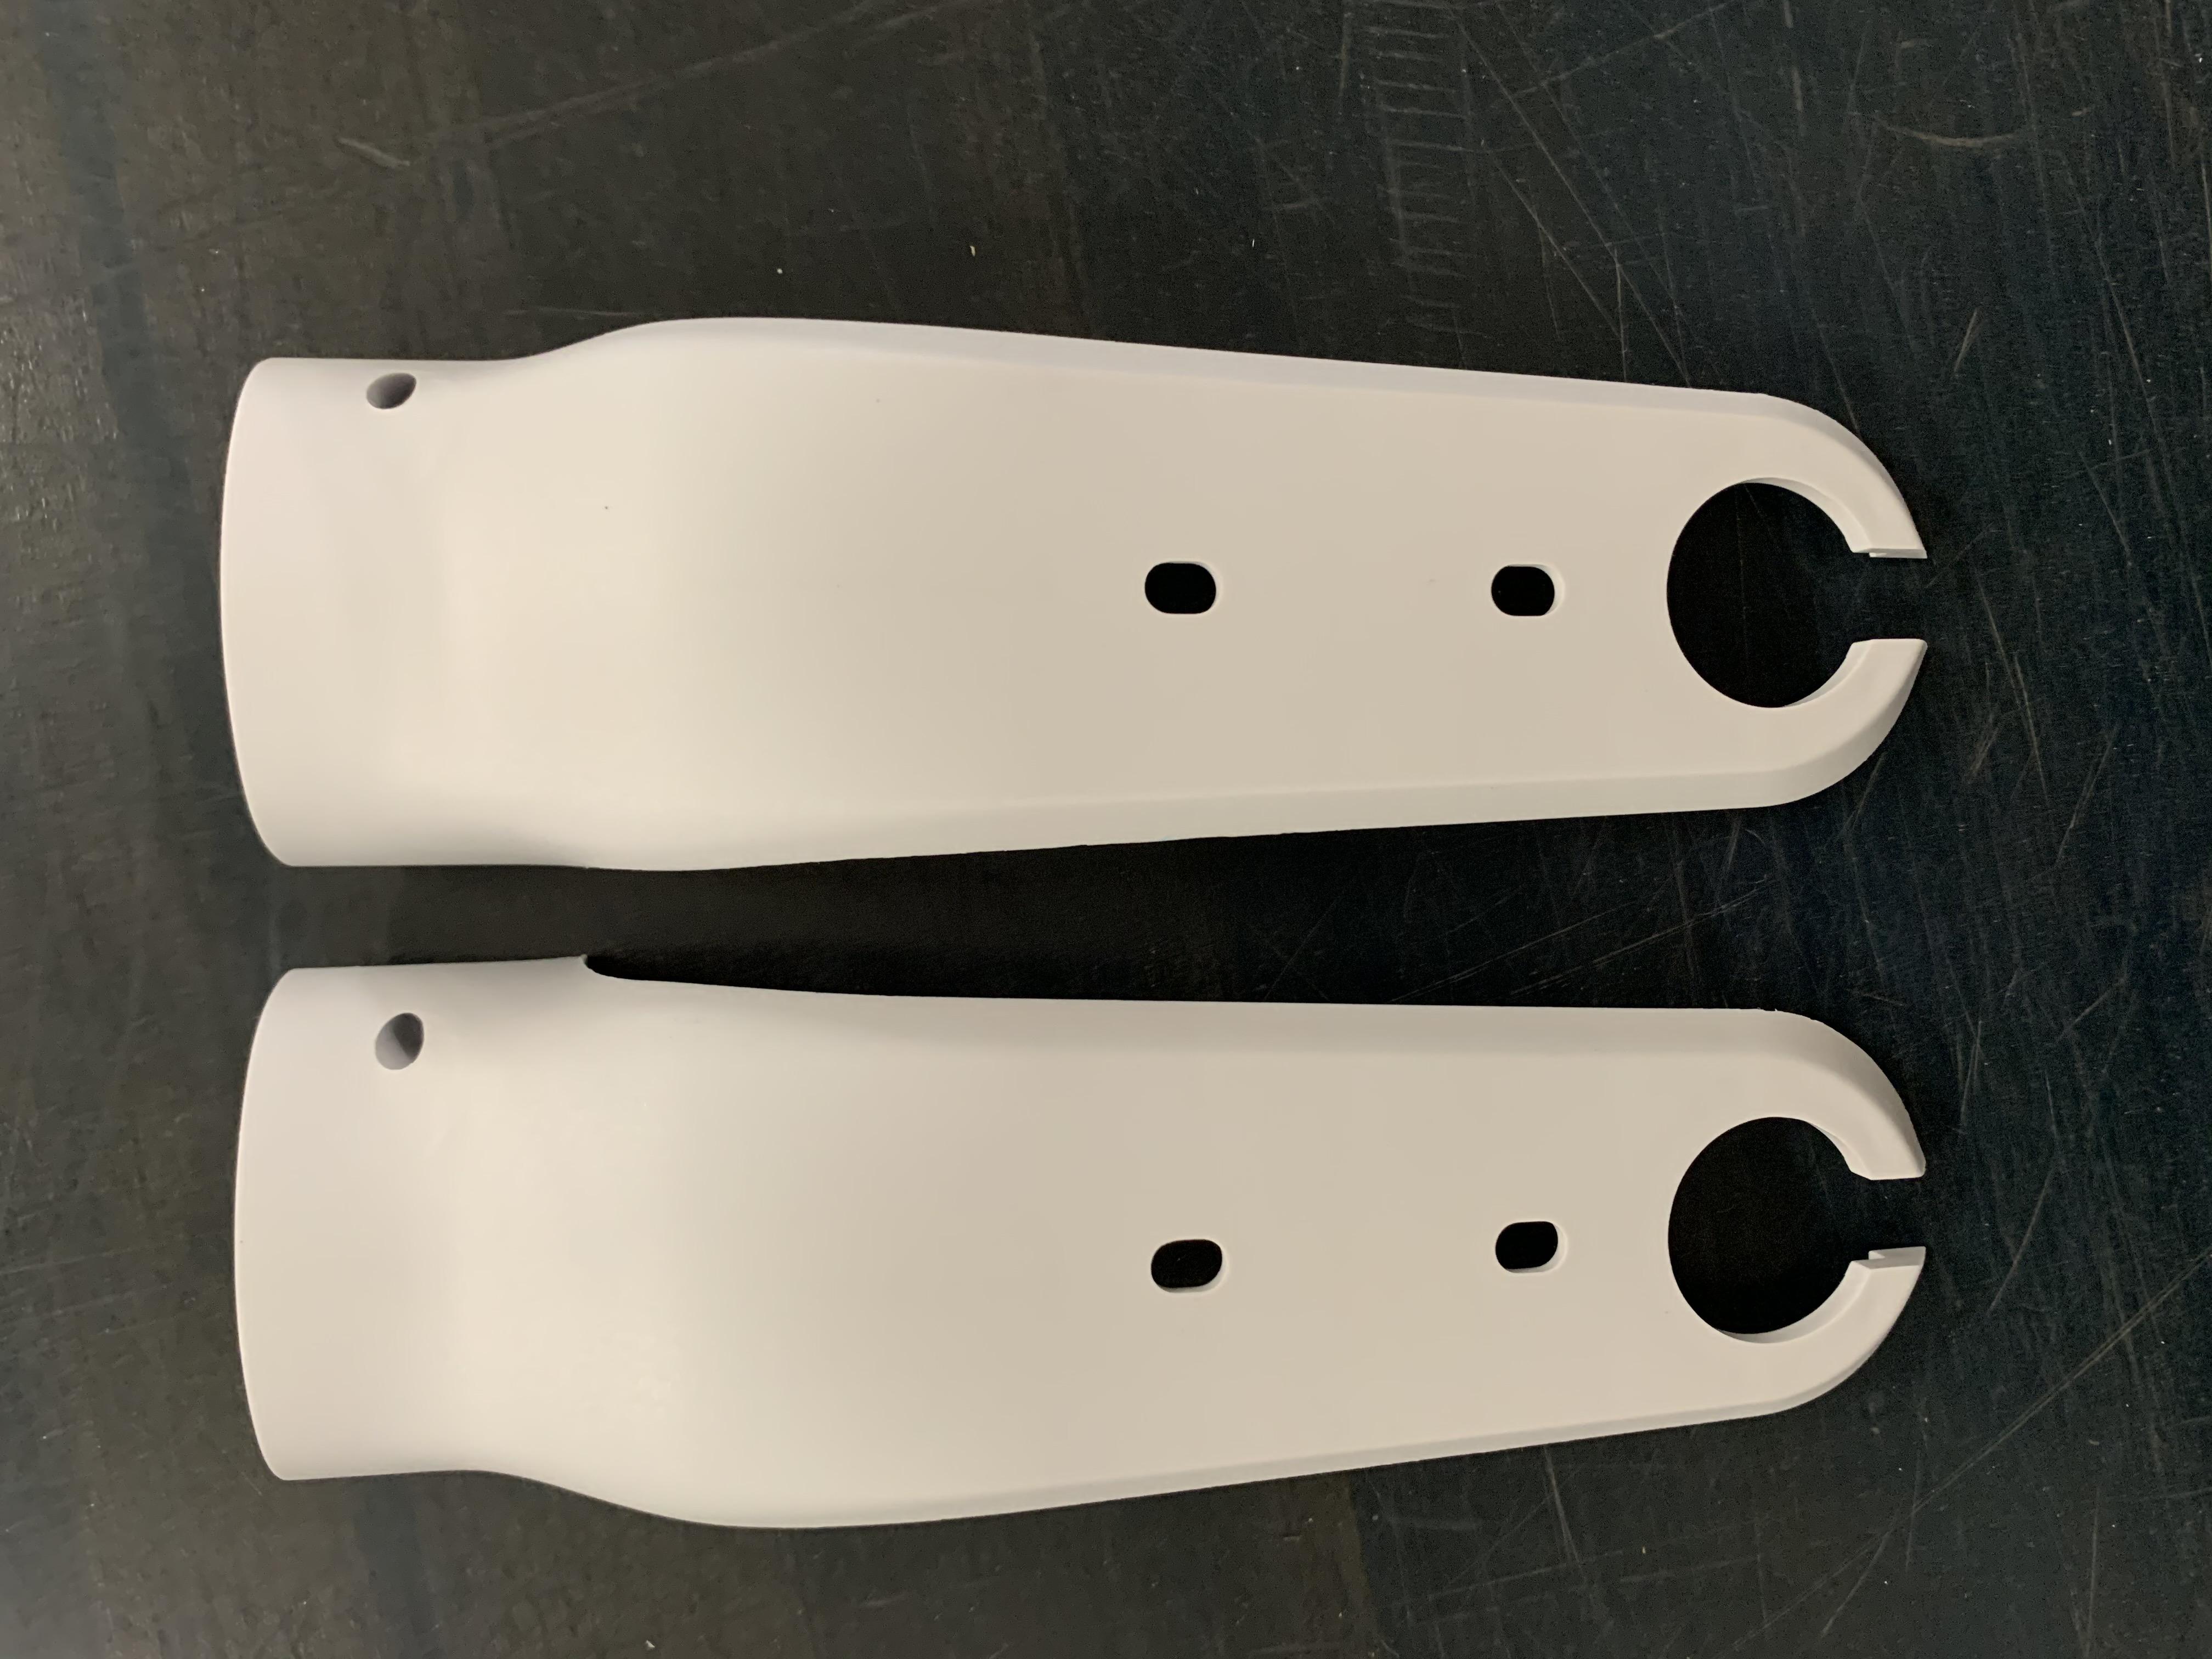 Verkleidung der Vordergabel weiß